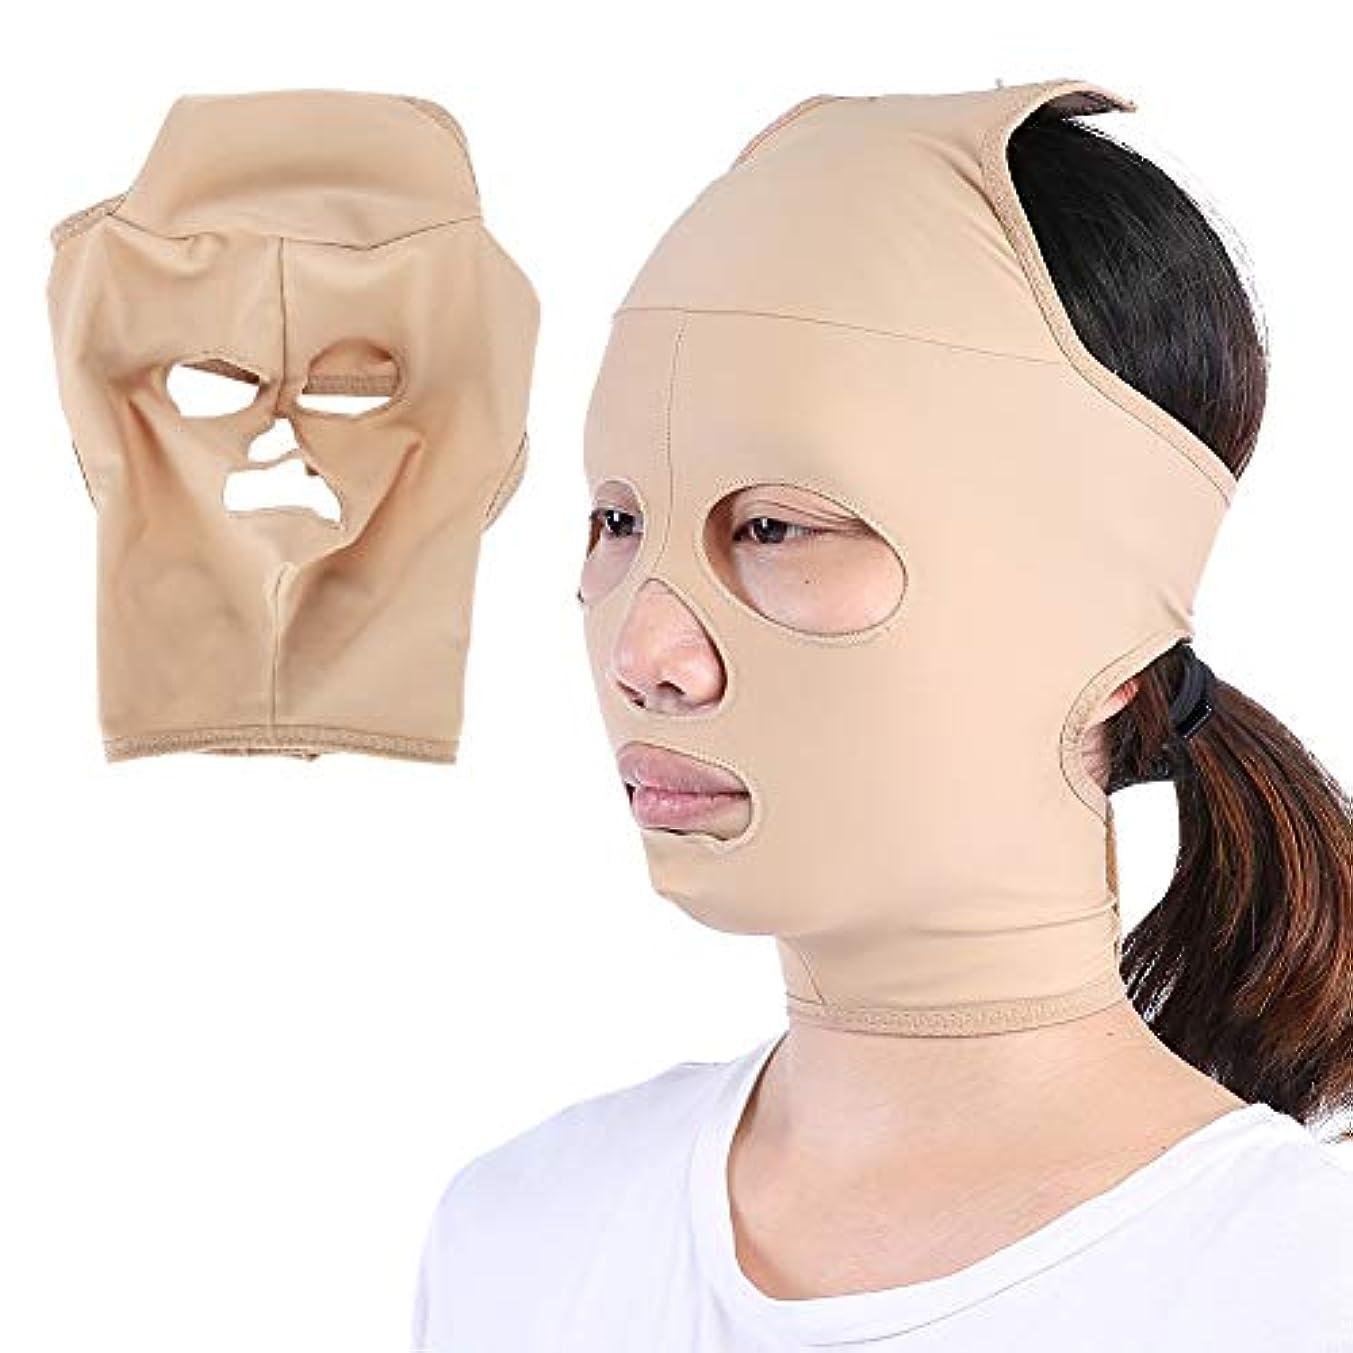 優先権ウナギ不忠顔の减量のベルト、完全なカバレッジ 顔のVラインを向上させる 二重顎を減らす二重顎、スキンケア包帯(XL)